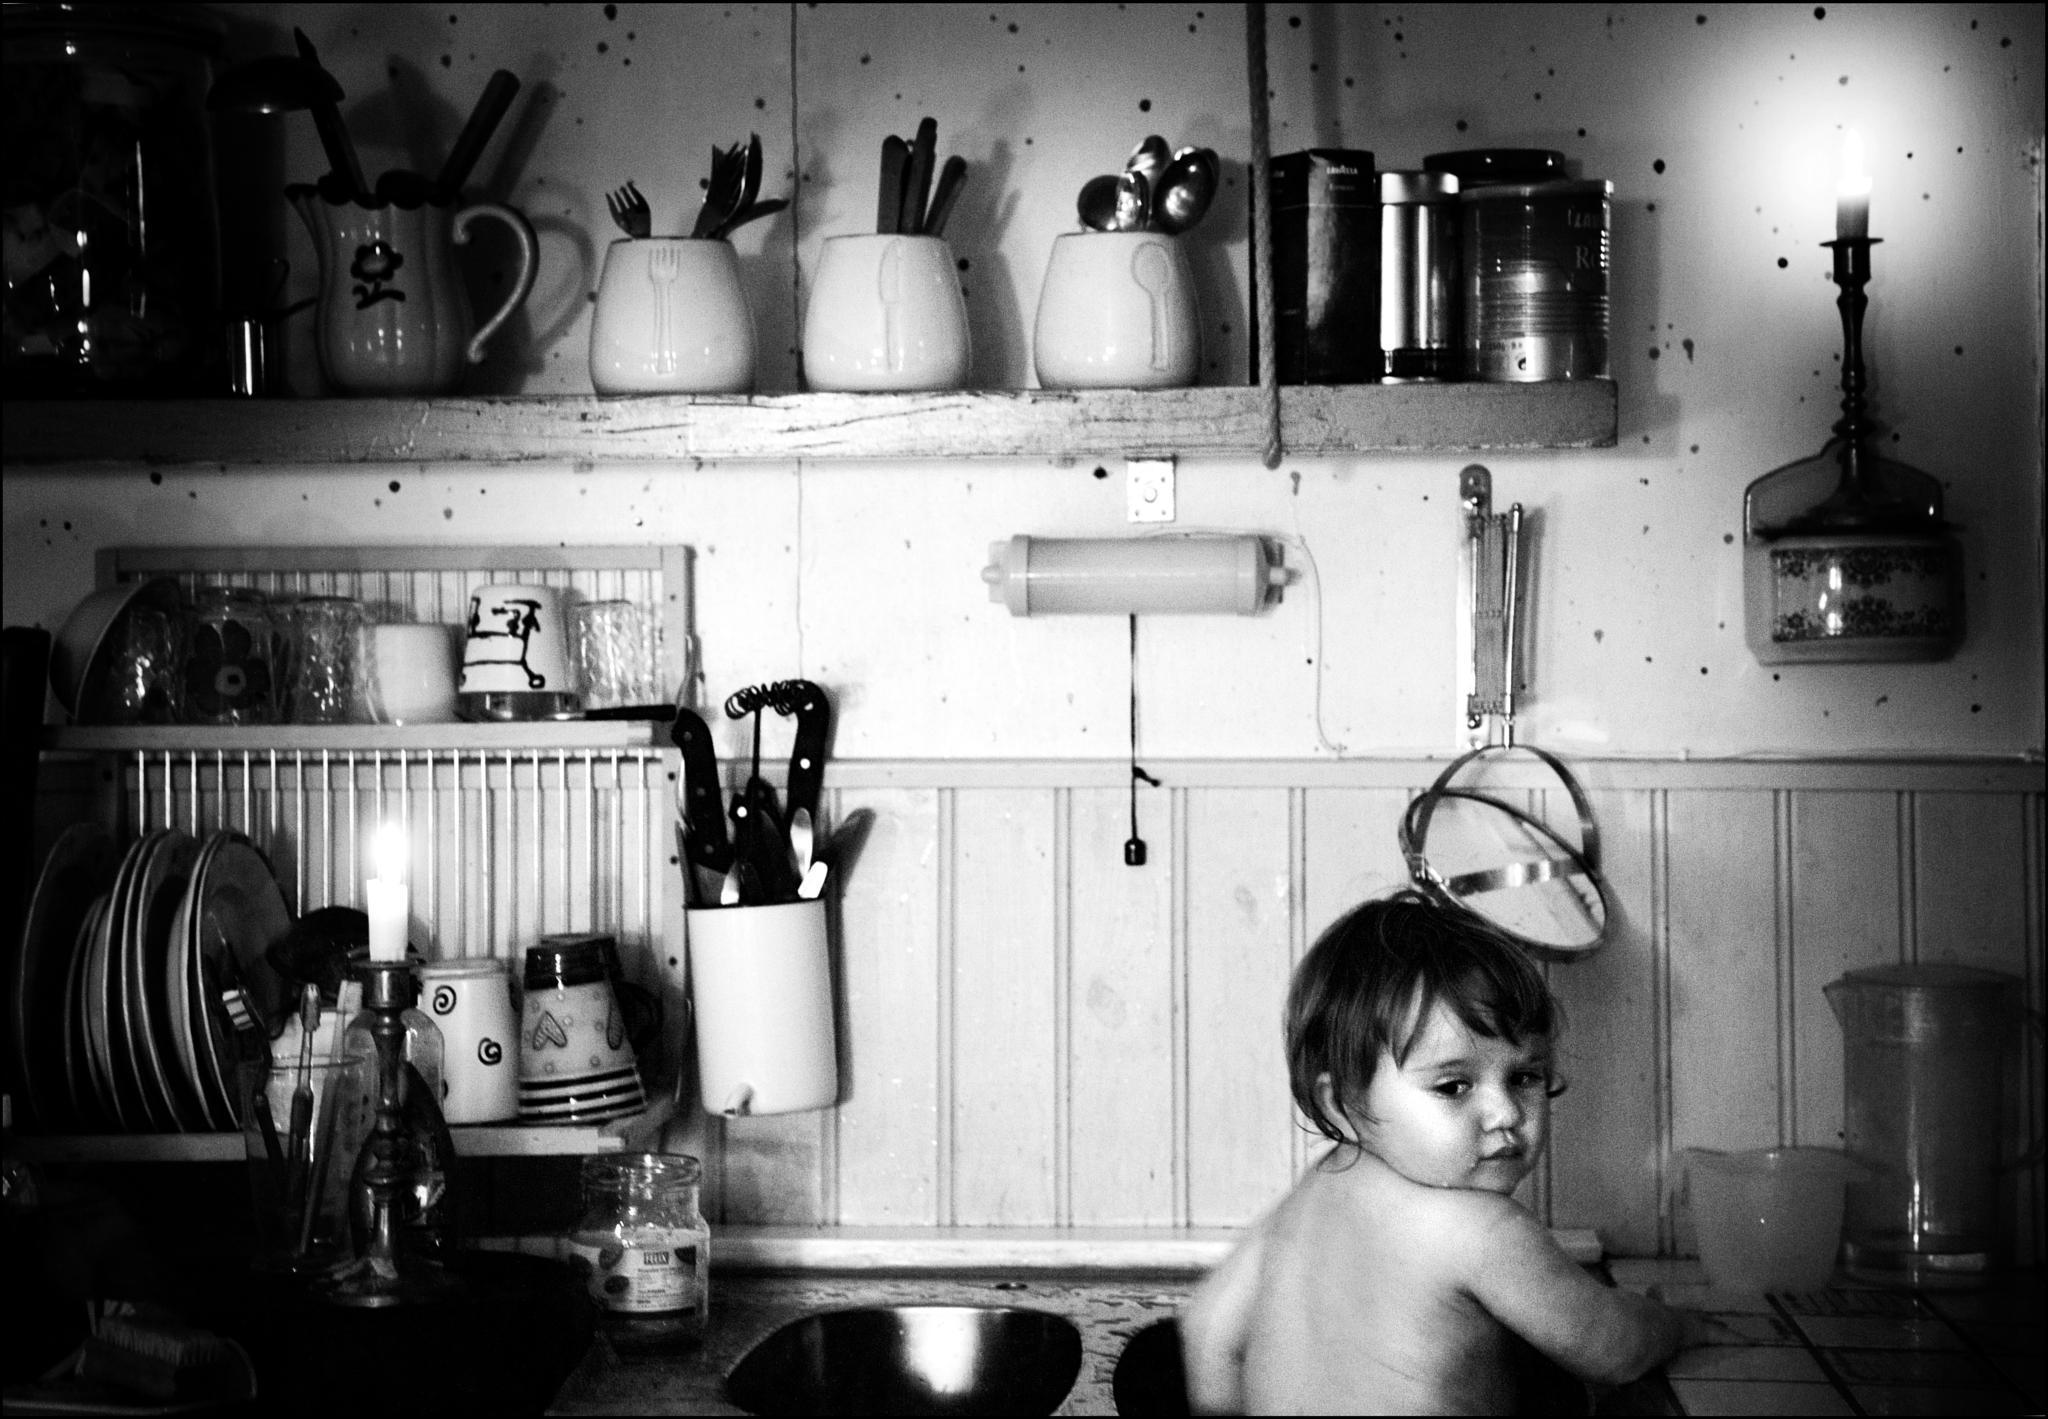 Kitchen sink bath by MlleVivien